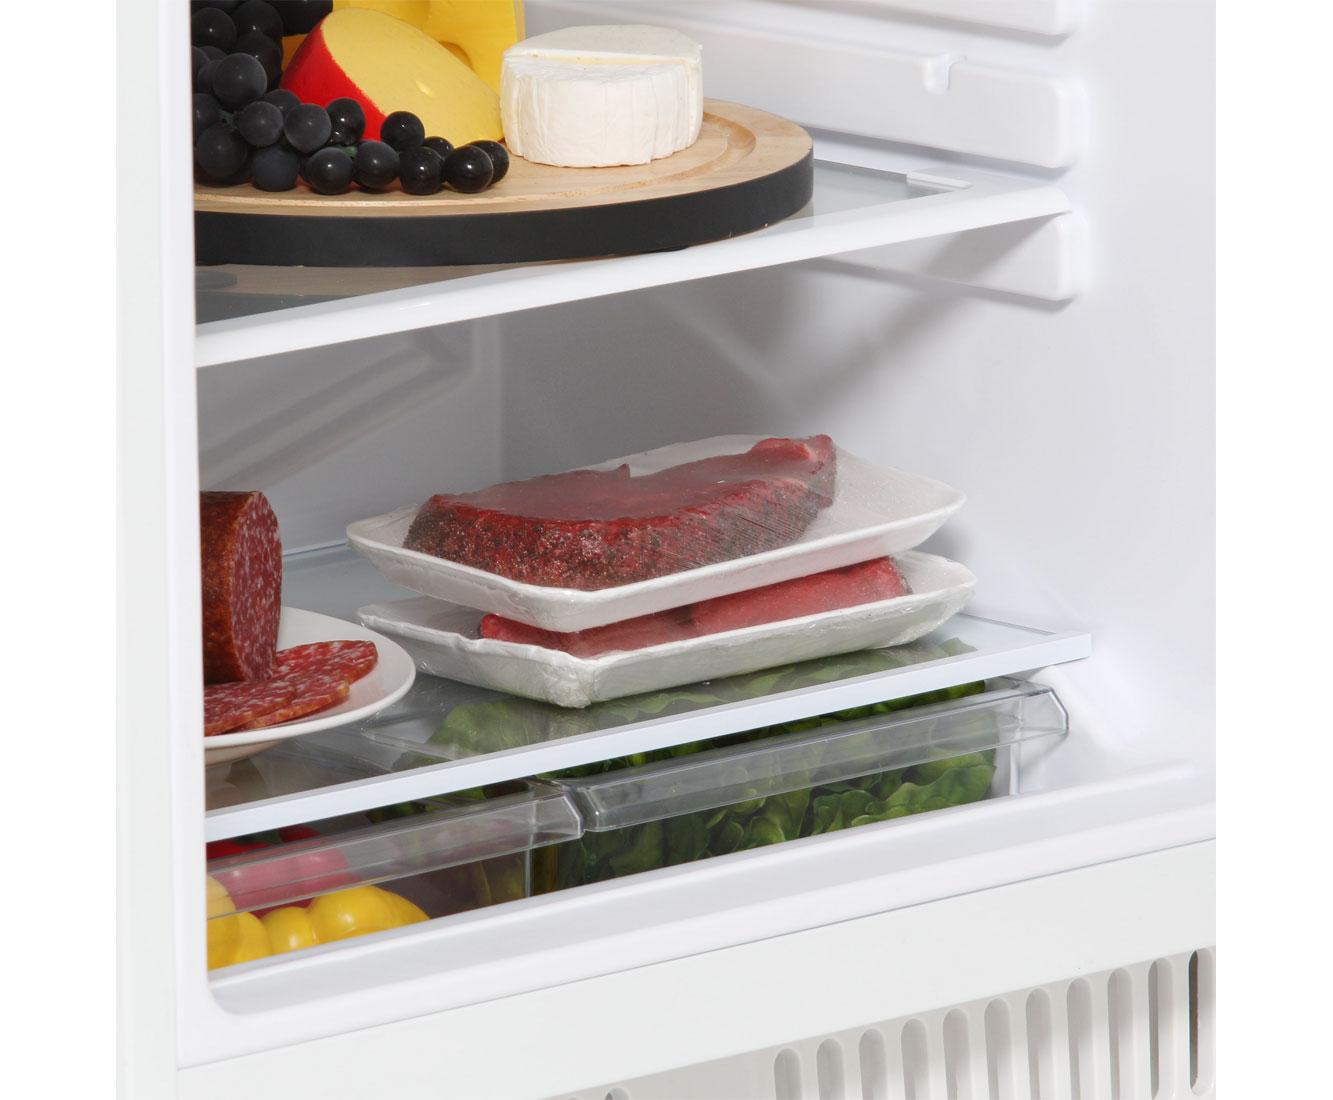 Amica Kühlschrank Fächer : Amica uvks unterbau kühlschrank er nische festtür